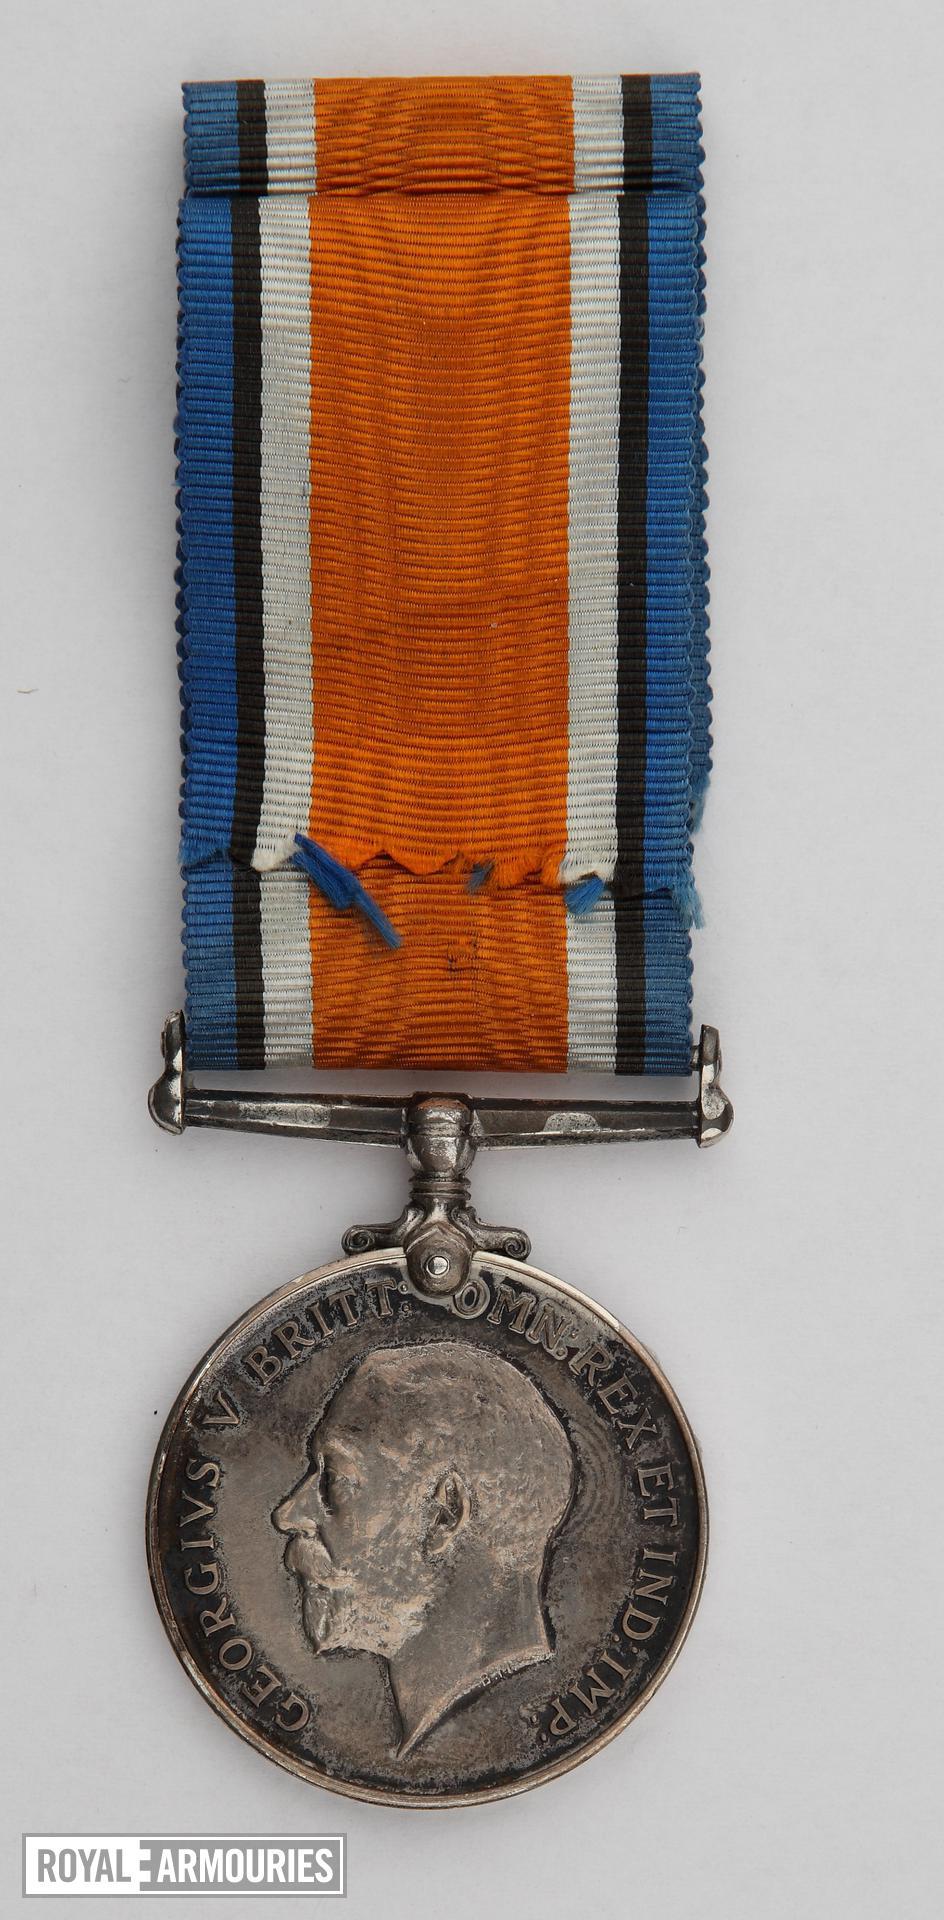 World War One British War Medal (obverse) issued to Lance Sergeant Thomas Queenan, 1st West Yorkshie Regiment. (XVIII.461)